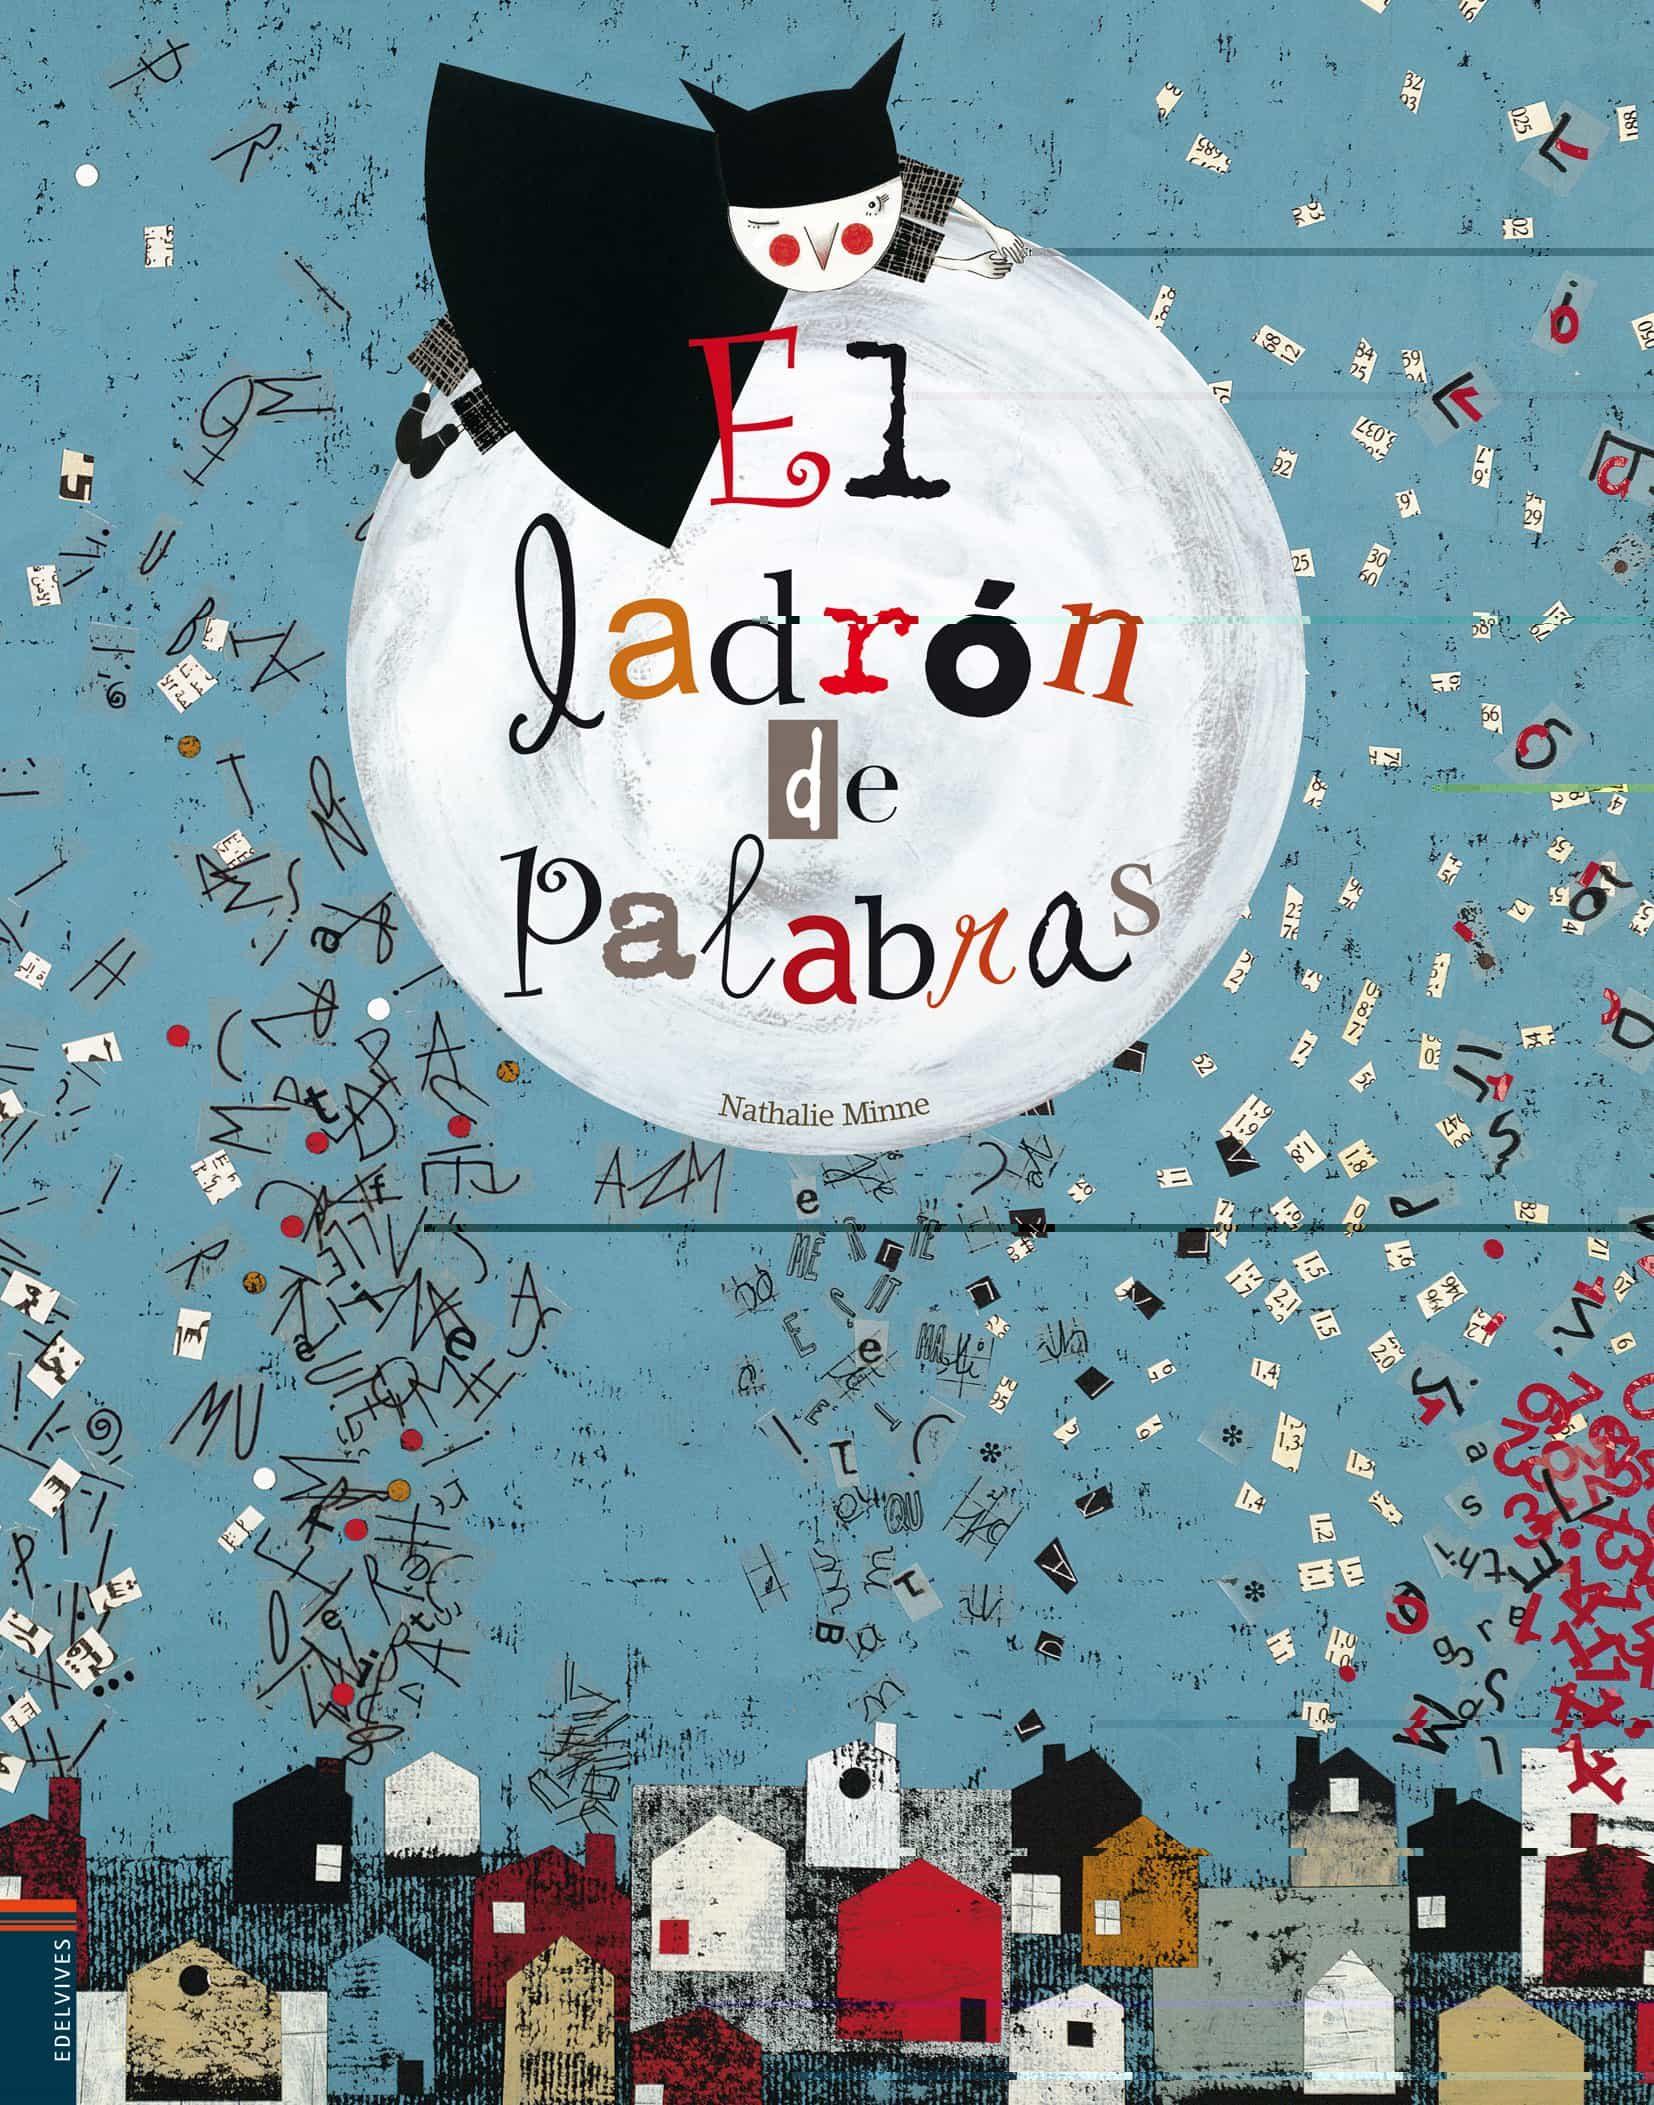 EL LADRON DE PALABRAS | NATHALIE MINNE | Comprar libro 9788426381491